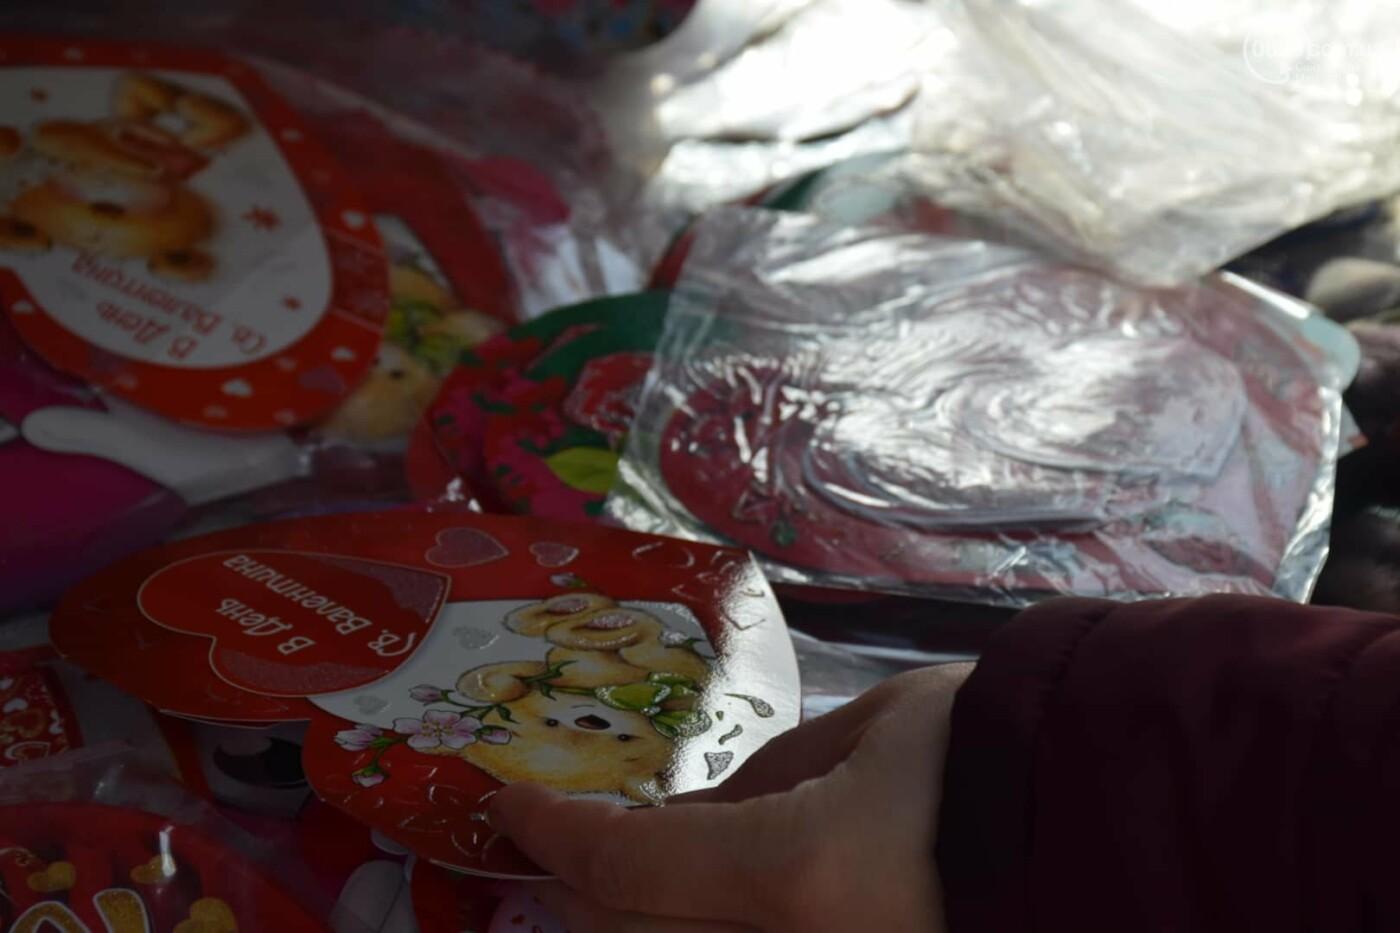 День Святого Валентина в Мариуполе: цветы, шары и мужчины-романтики, - ФОТОРЕПОРТАЖ, фото-16